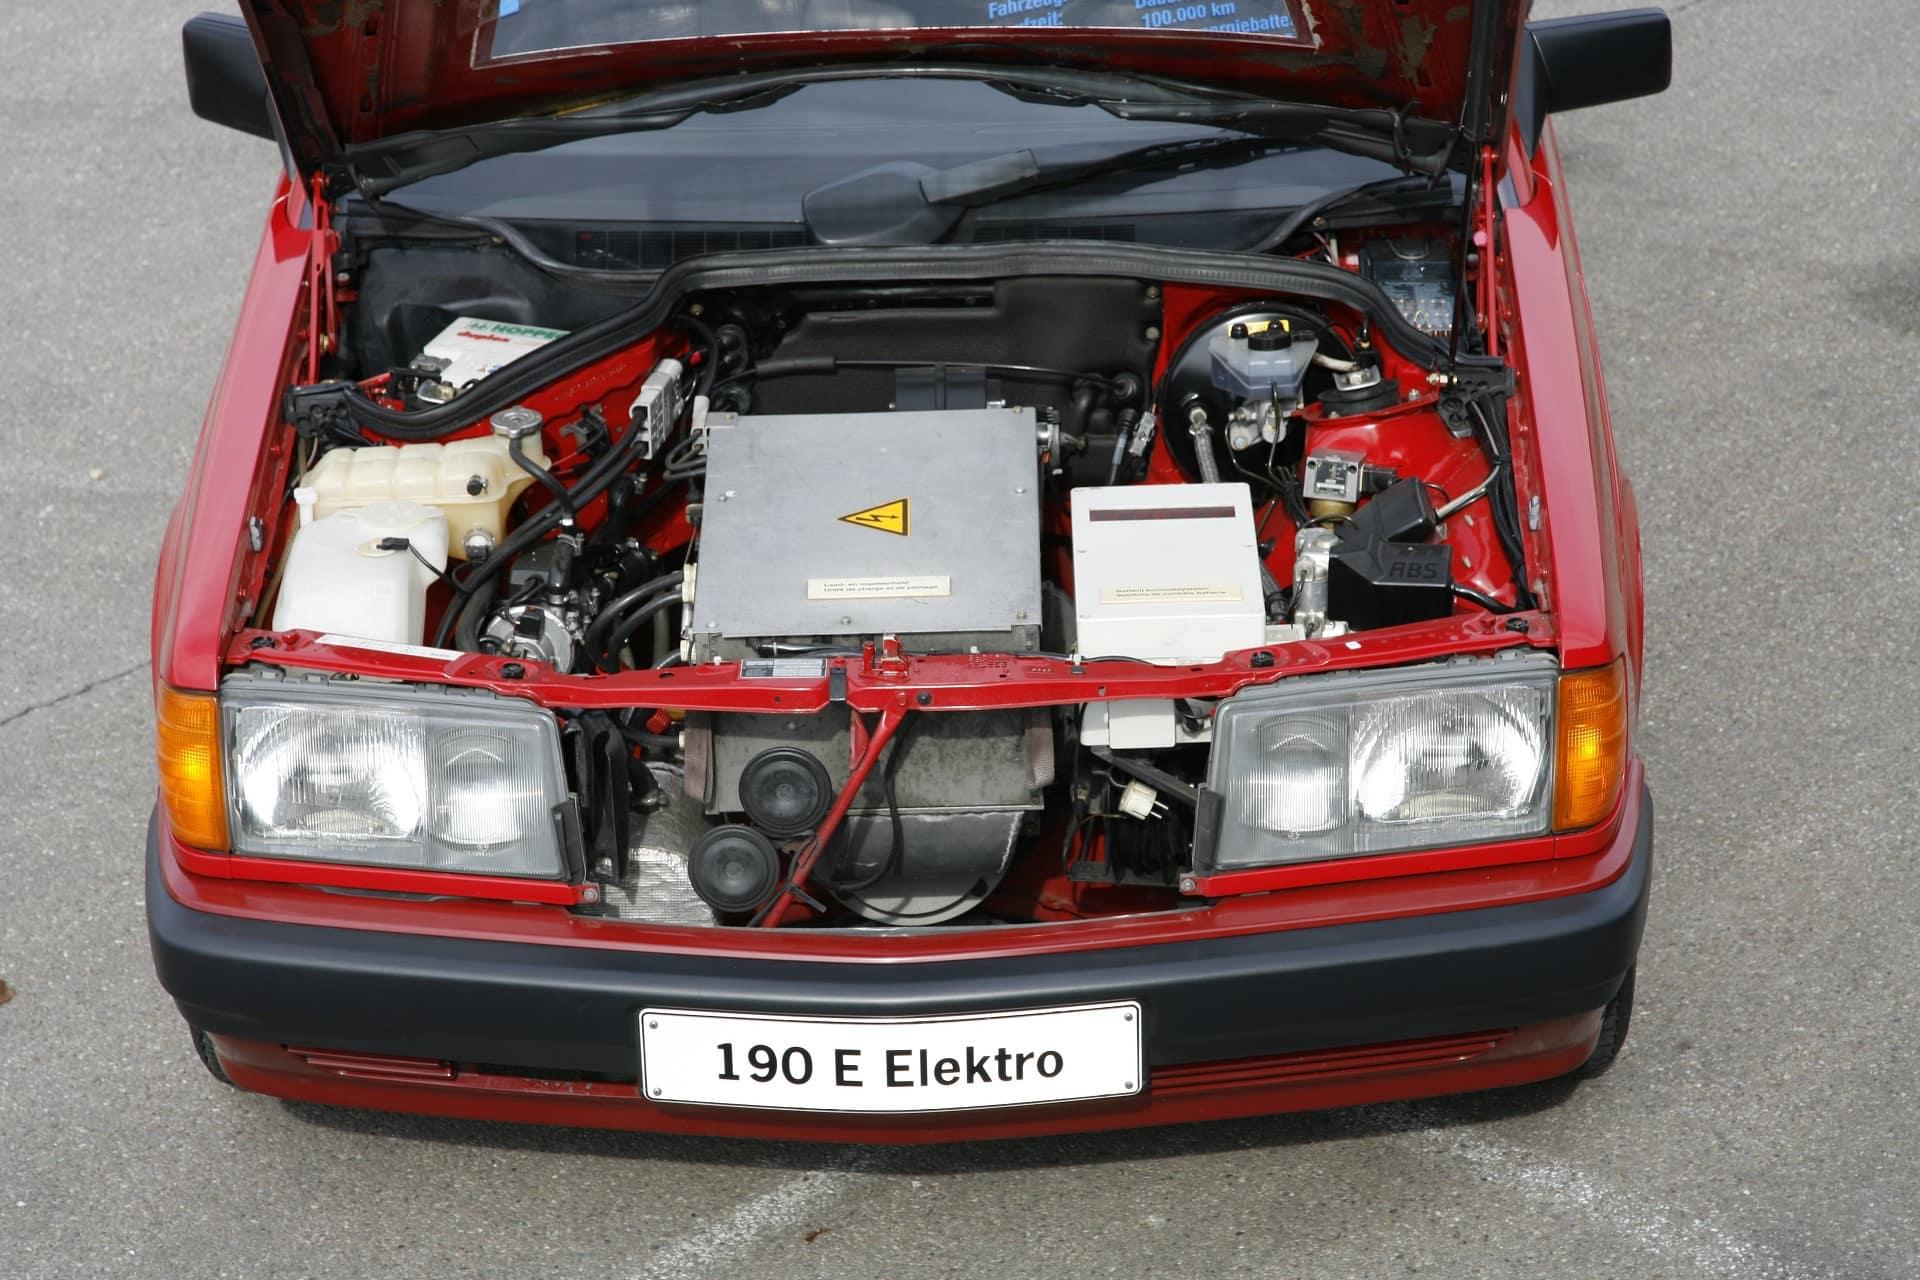 Erprobungsfahrzeug Mercedes-Benz Typ 190 (W 201) mit Elektroantrieb, 1991.